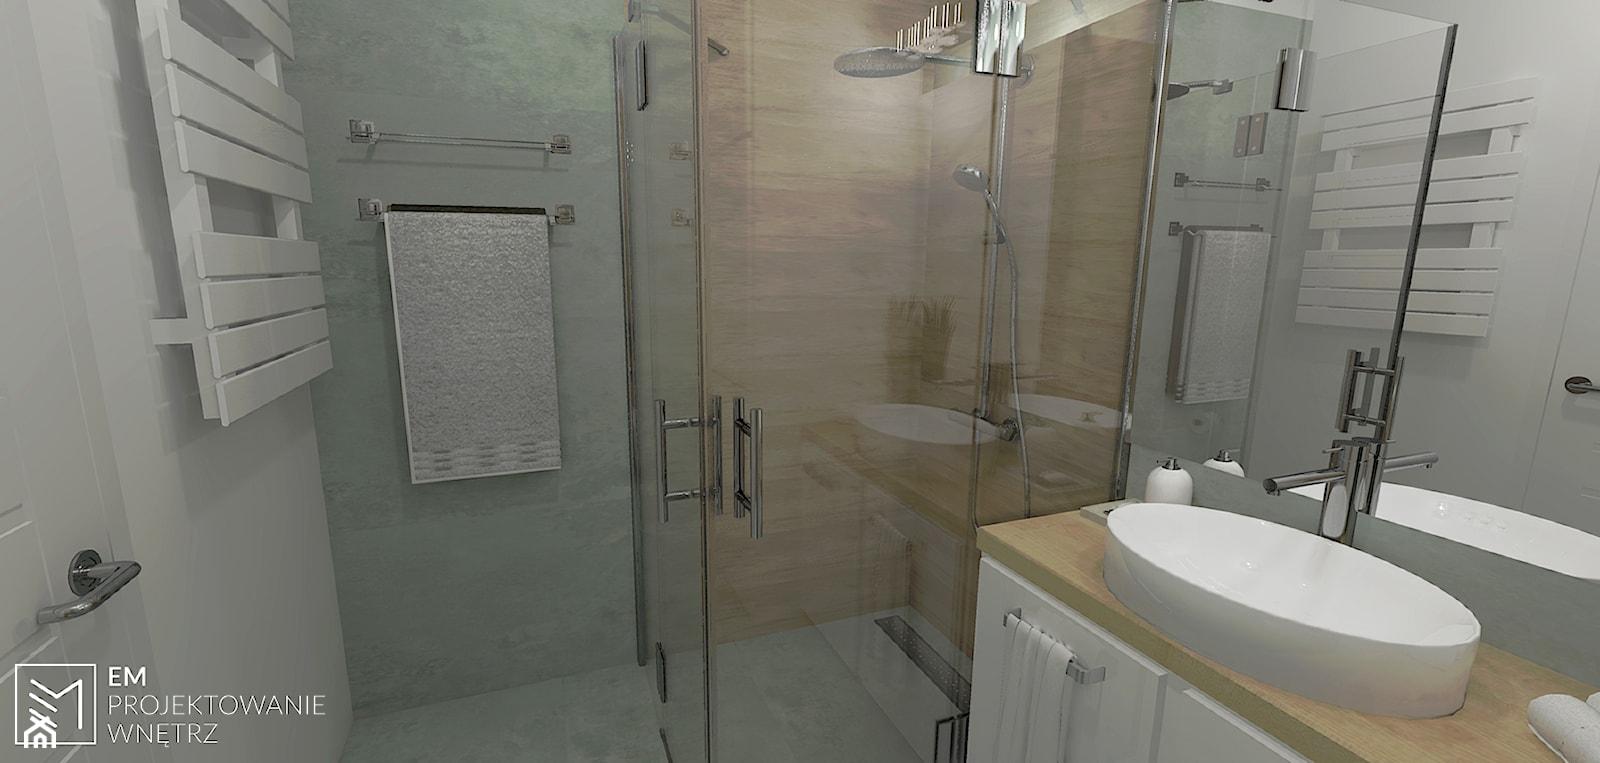 Mała łazienka - zdjęcie od EM Projektowanie Wnętrz - Homebook